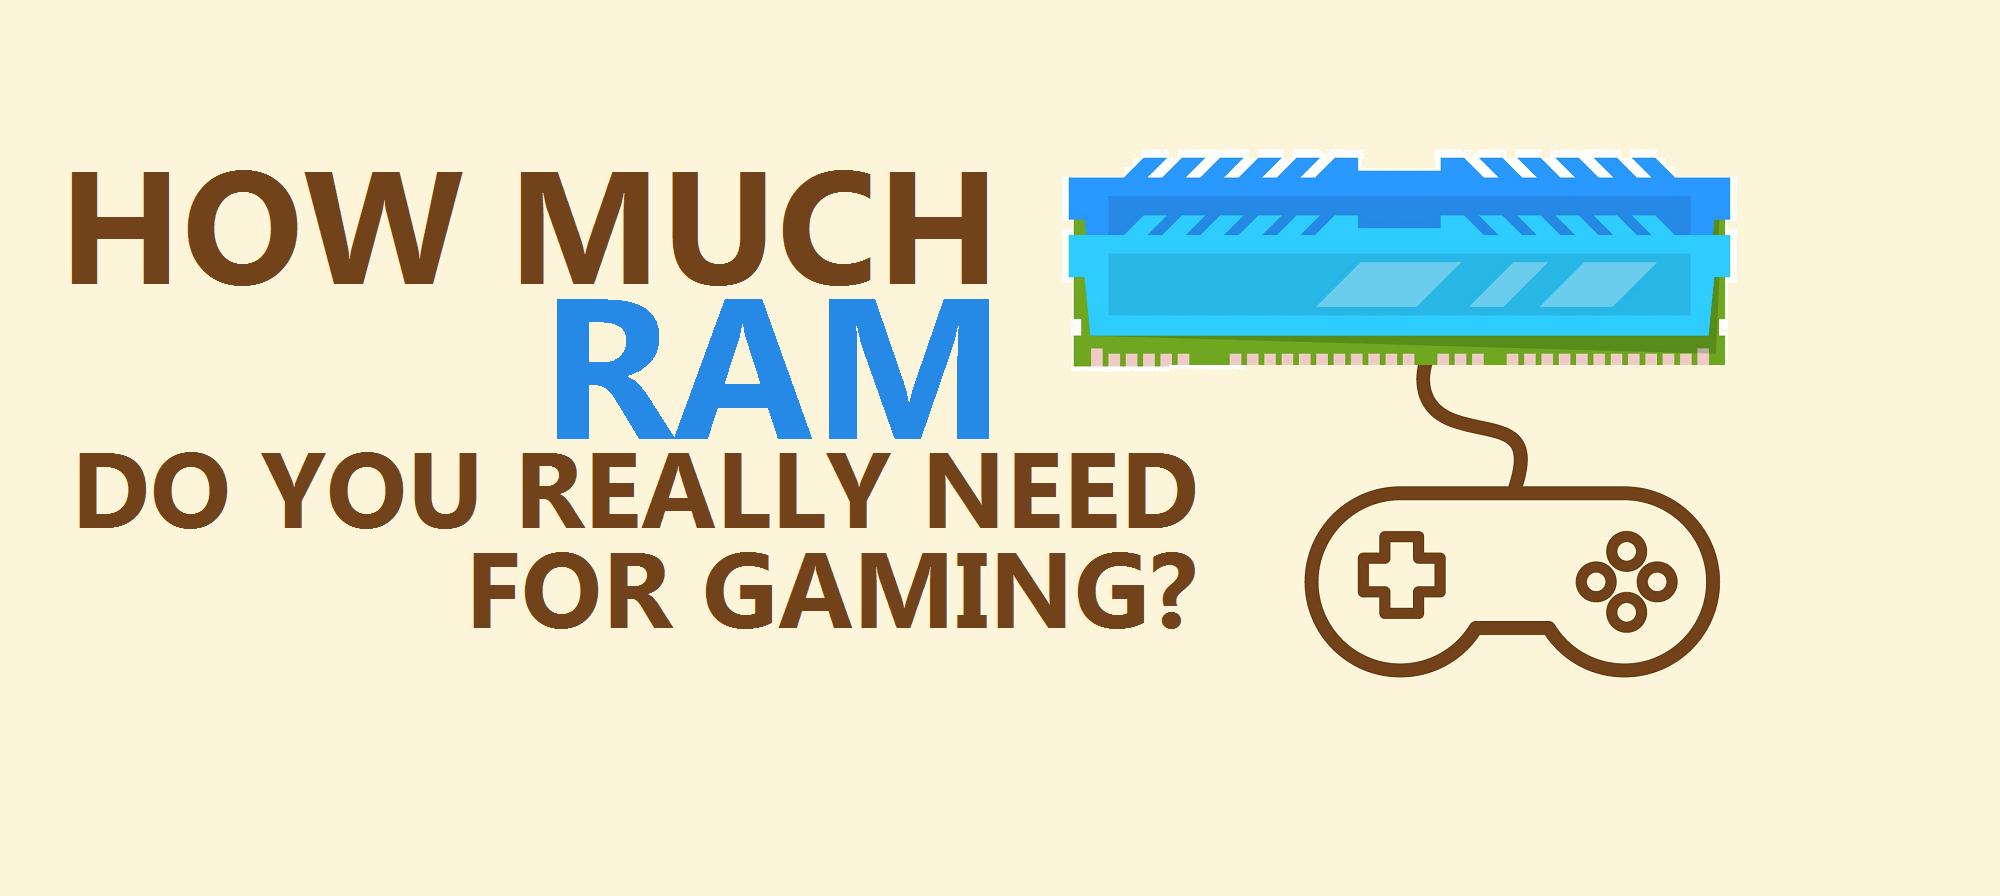 RAM Gaming title